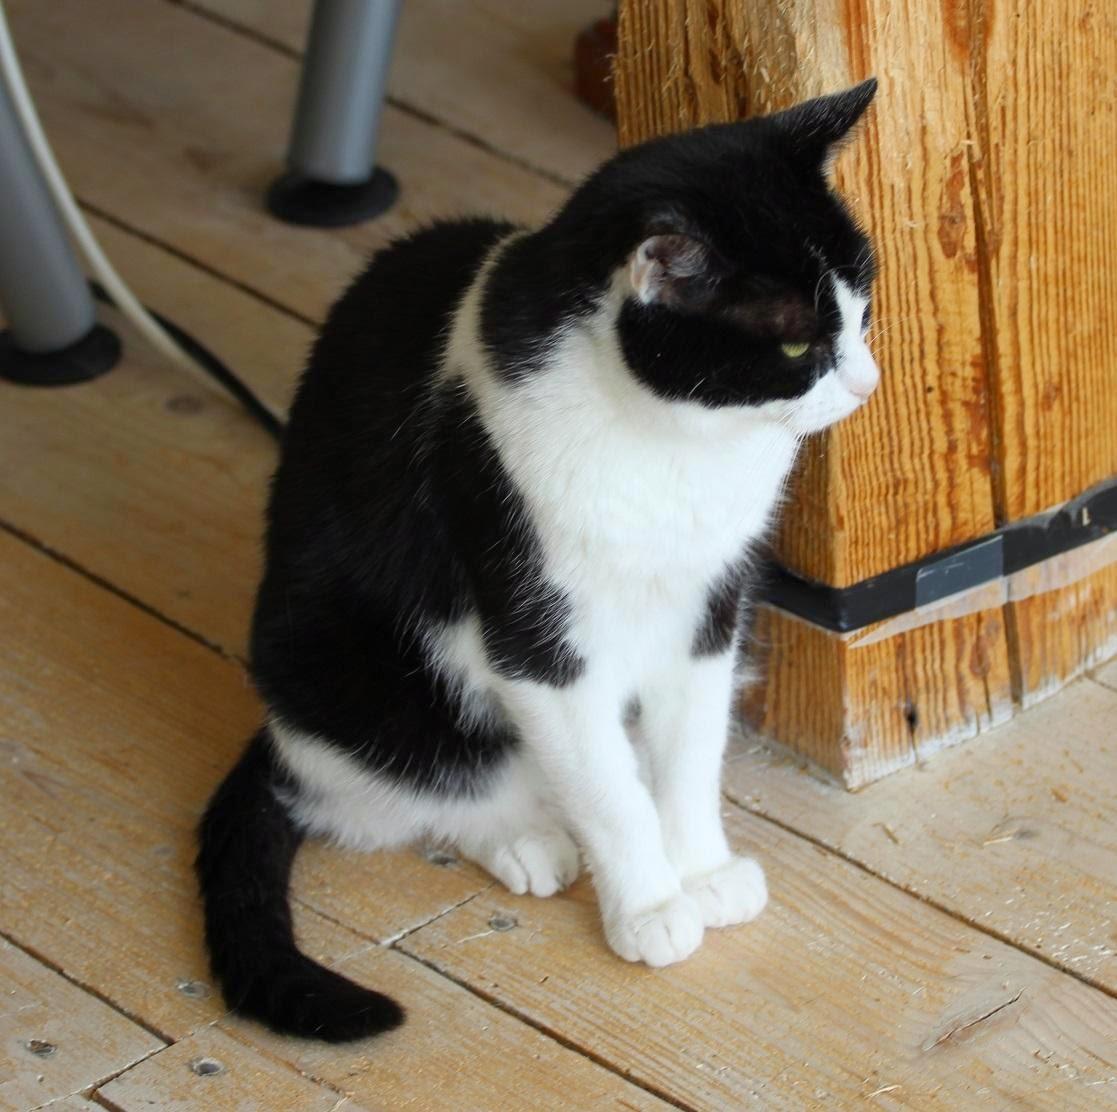 svart och vit katt